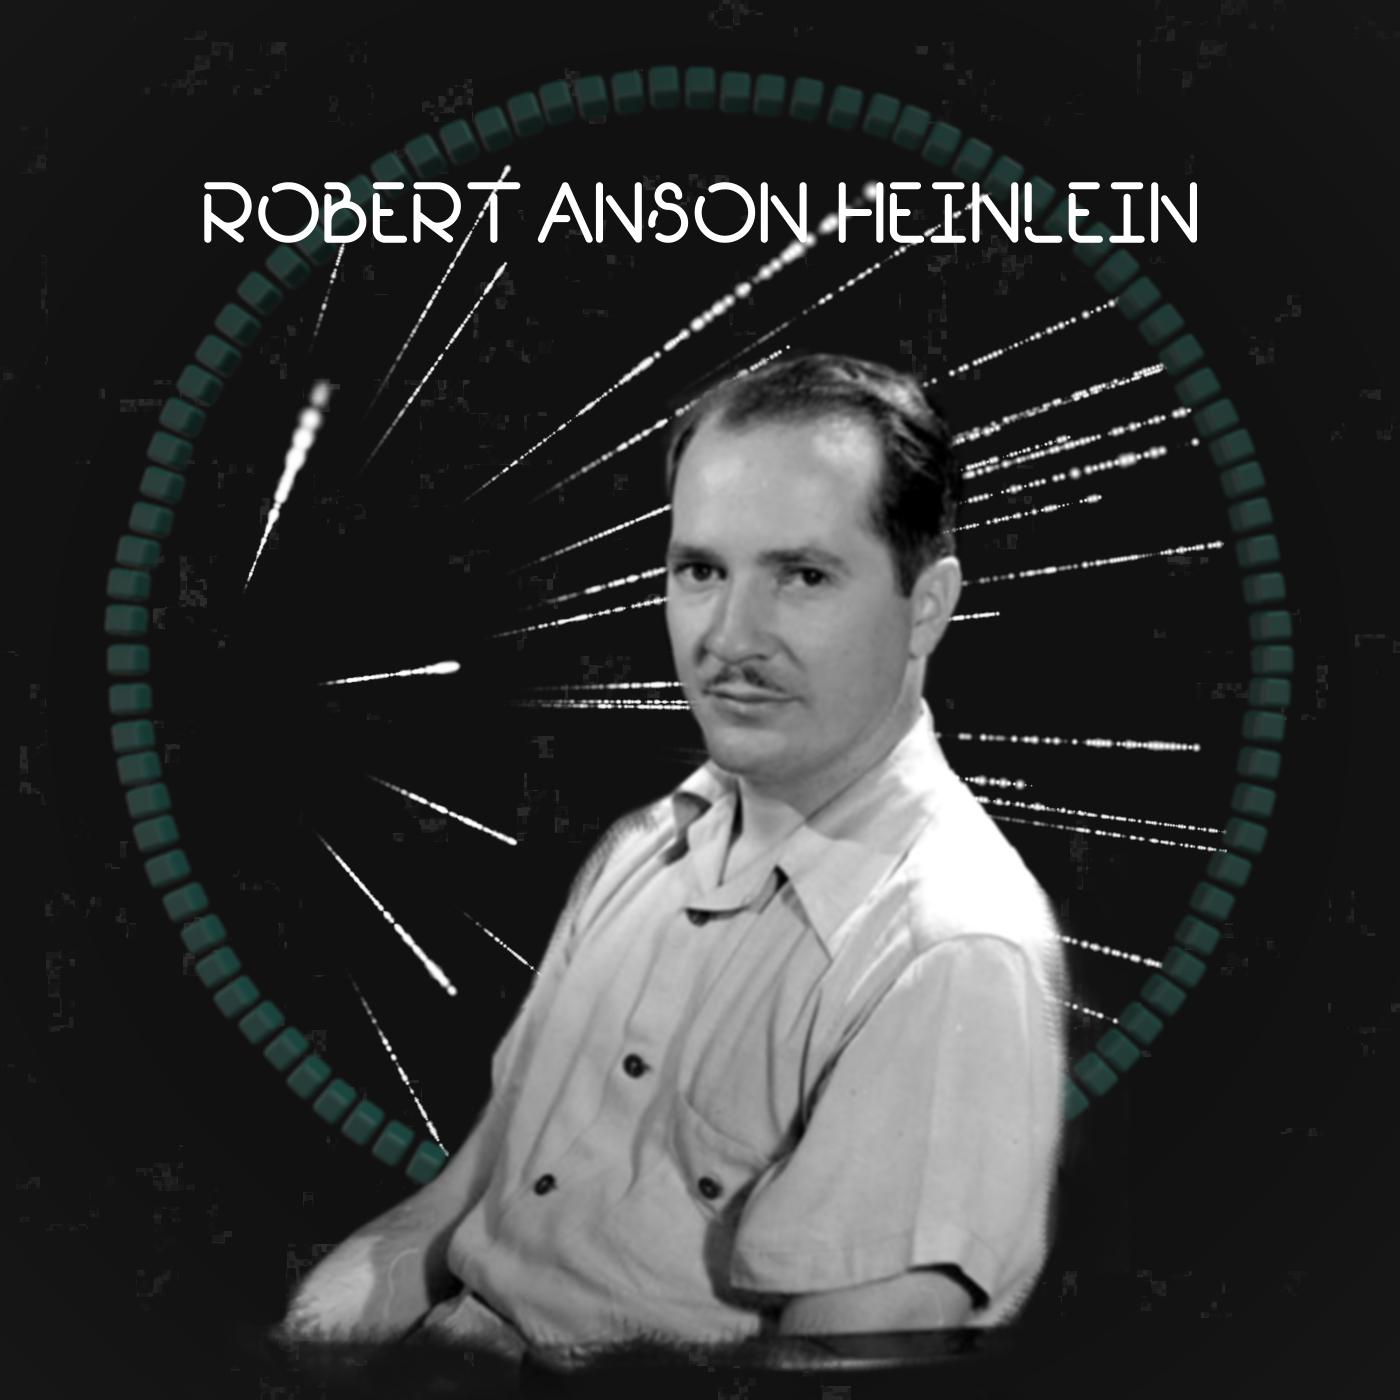 Minisode   ROBERT ANSON HEINLEIN  رابرت انسون هاینـلاین